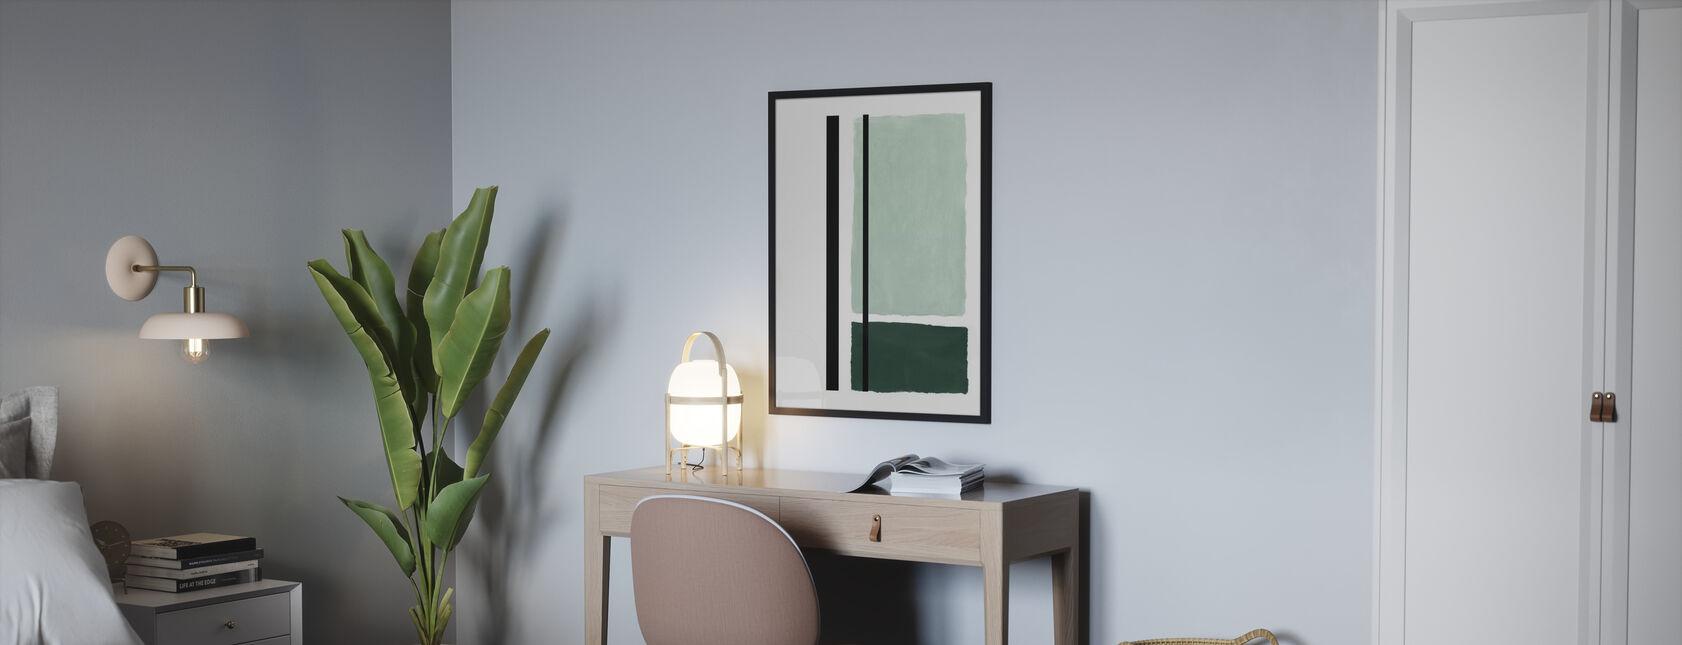 Equilibrium II - Poster - Bedroom